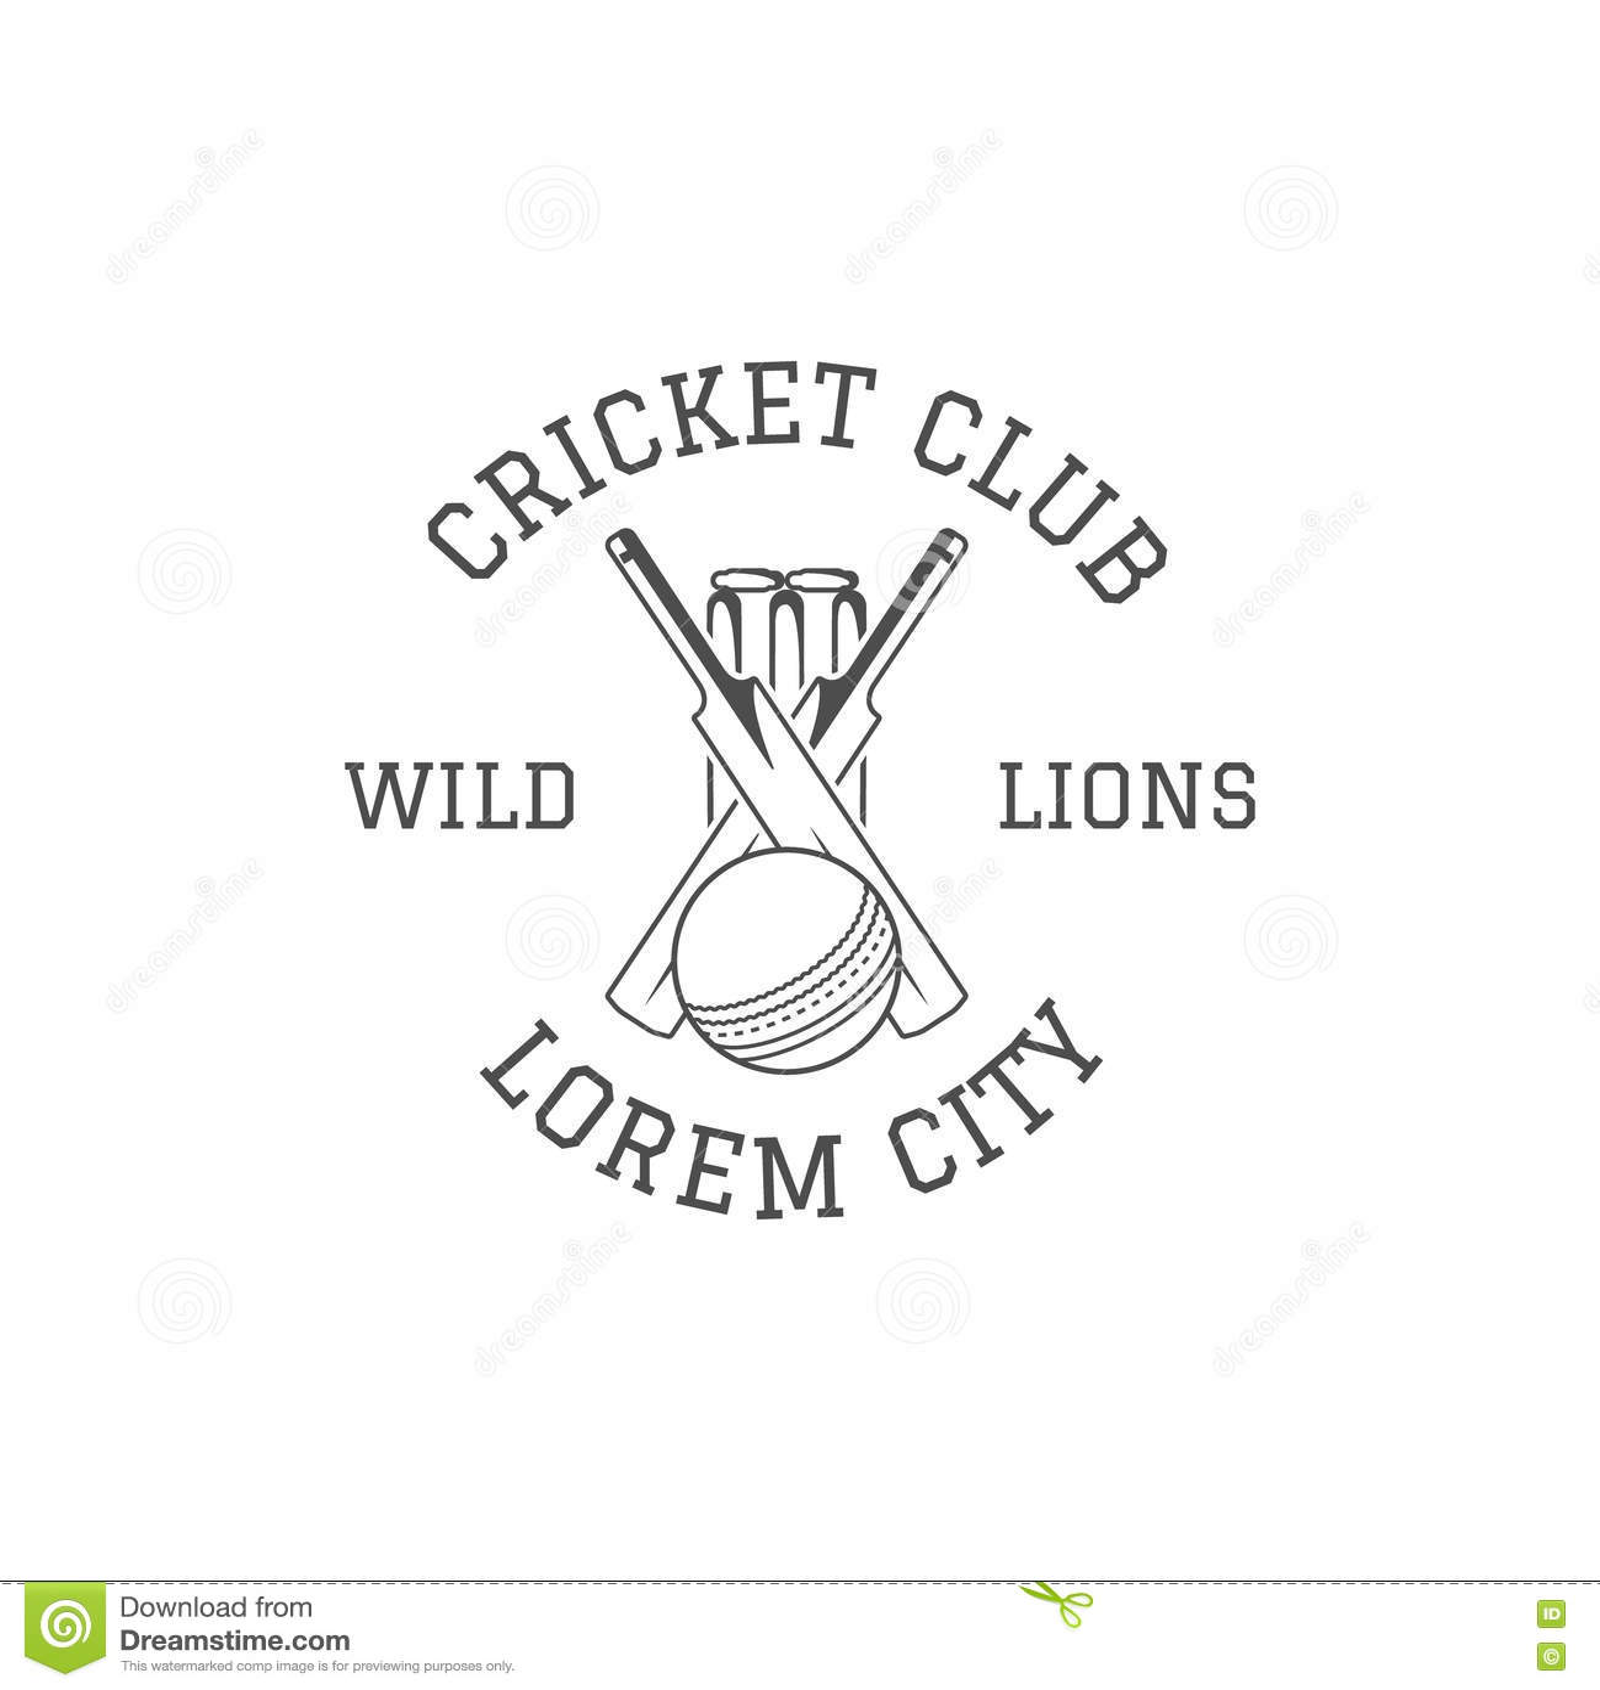 Cricket Club Emblem And Design Elements. Stock Vector